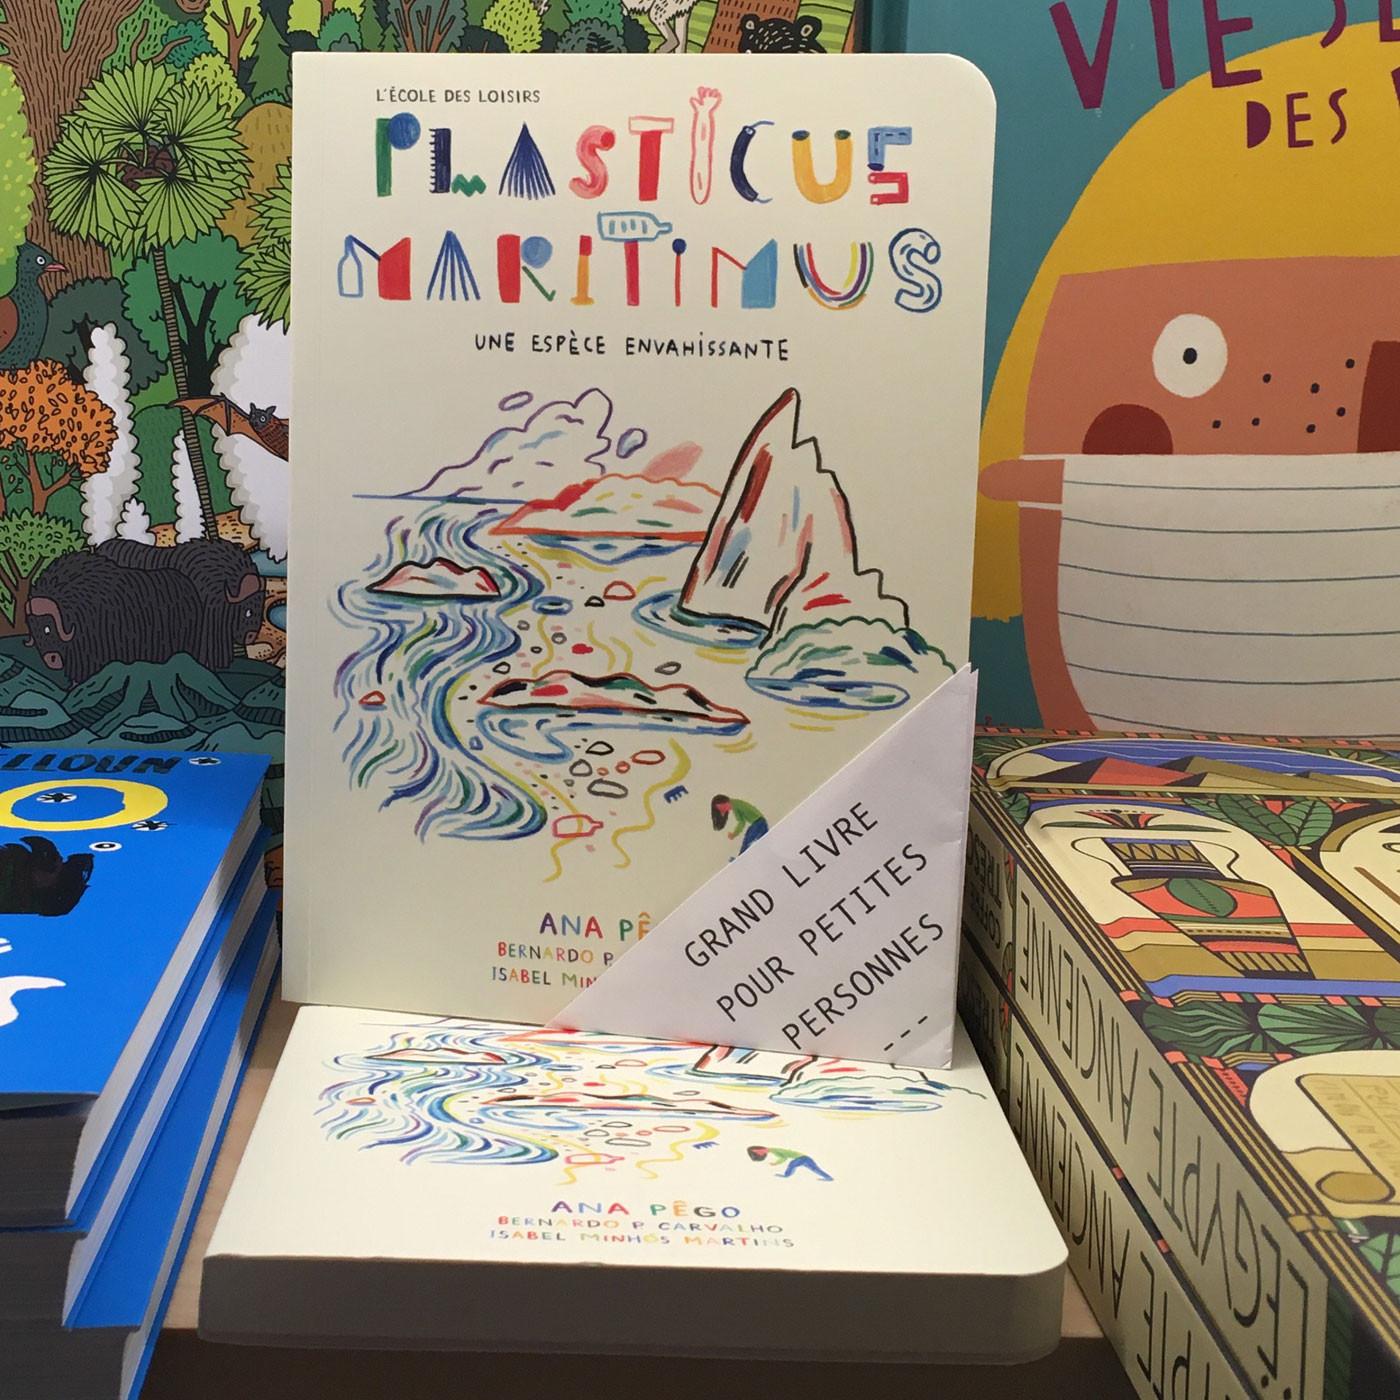 Grands livres pour petites personnes #15 - Plasticus Maritimus